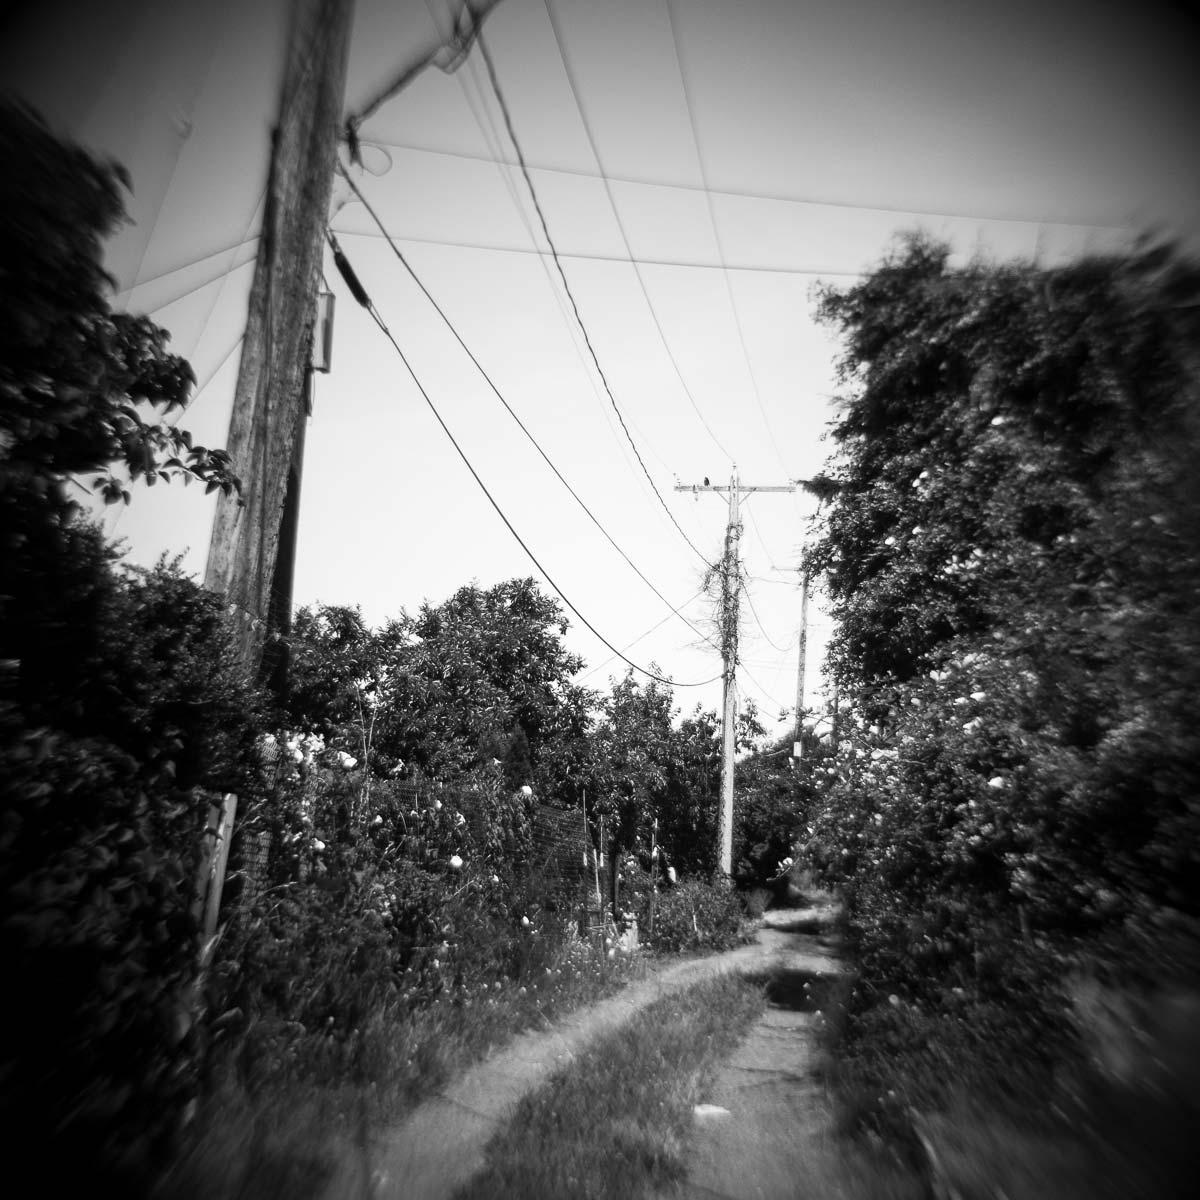 2streets_DSC4987-04